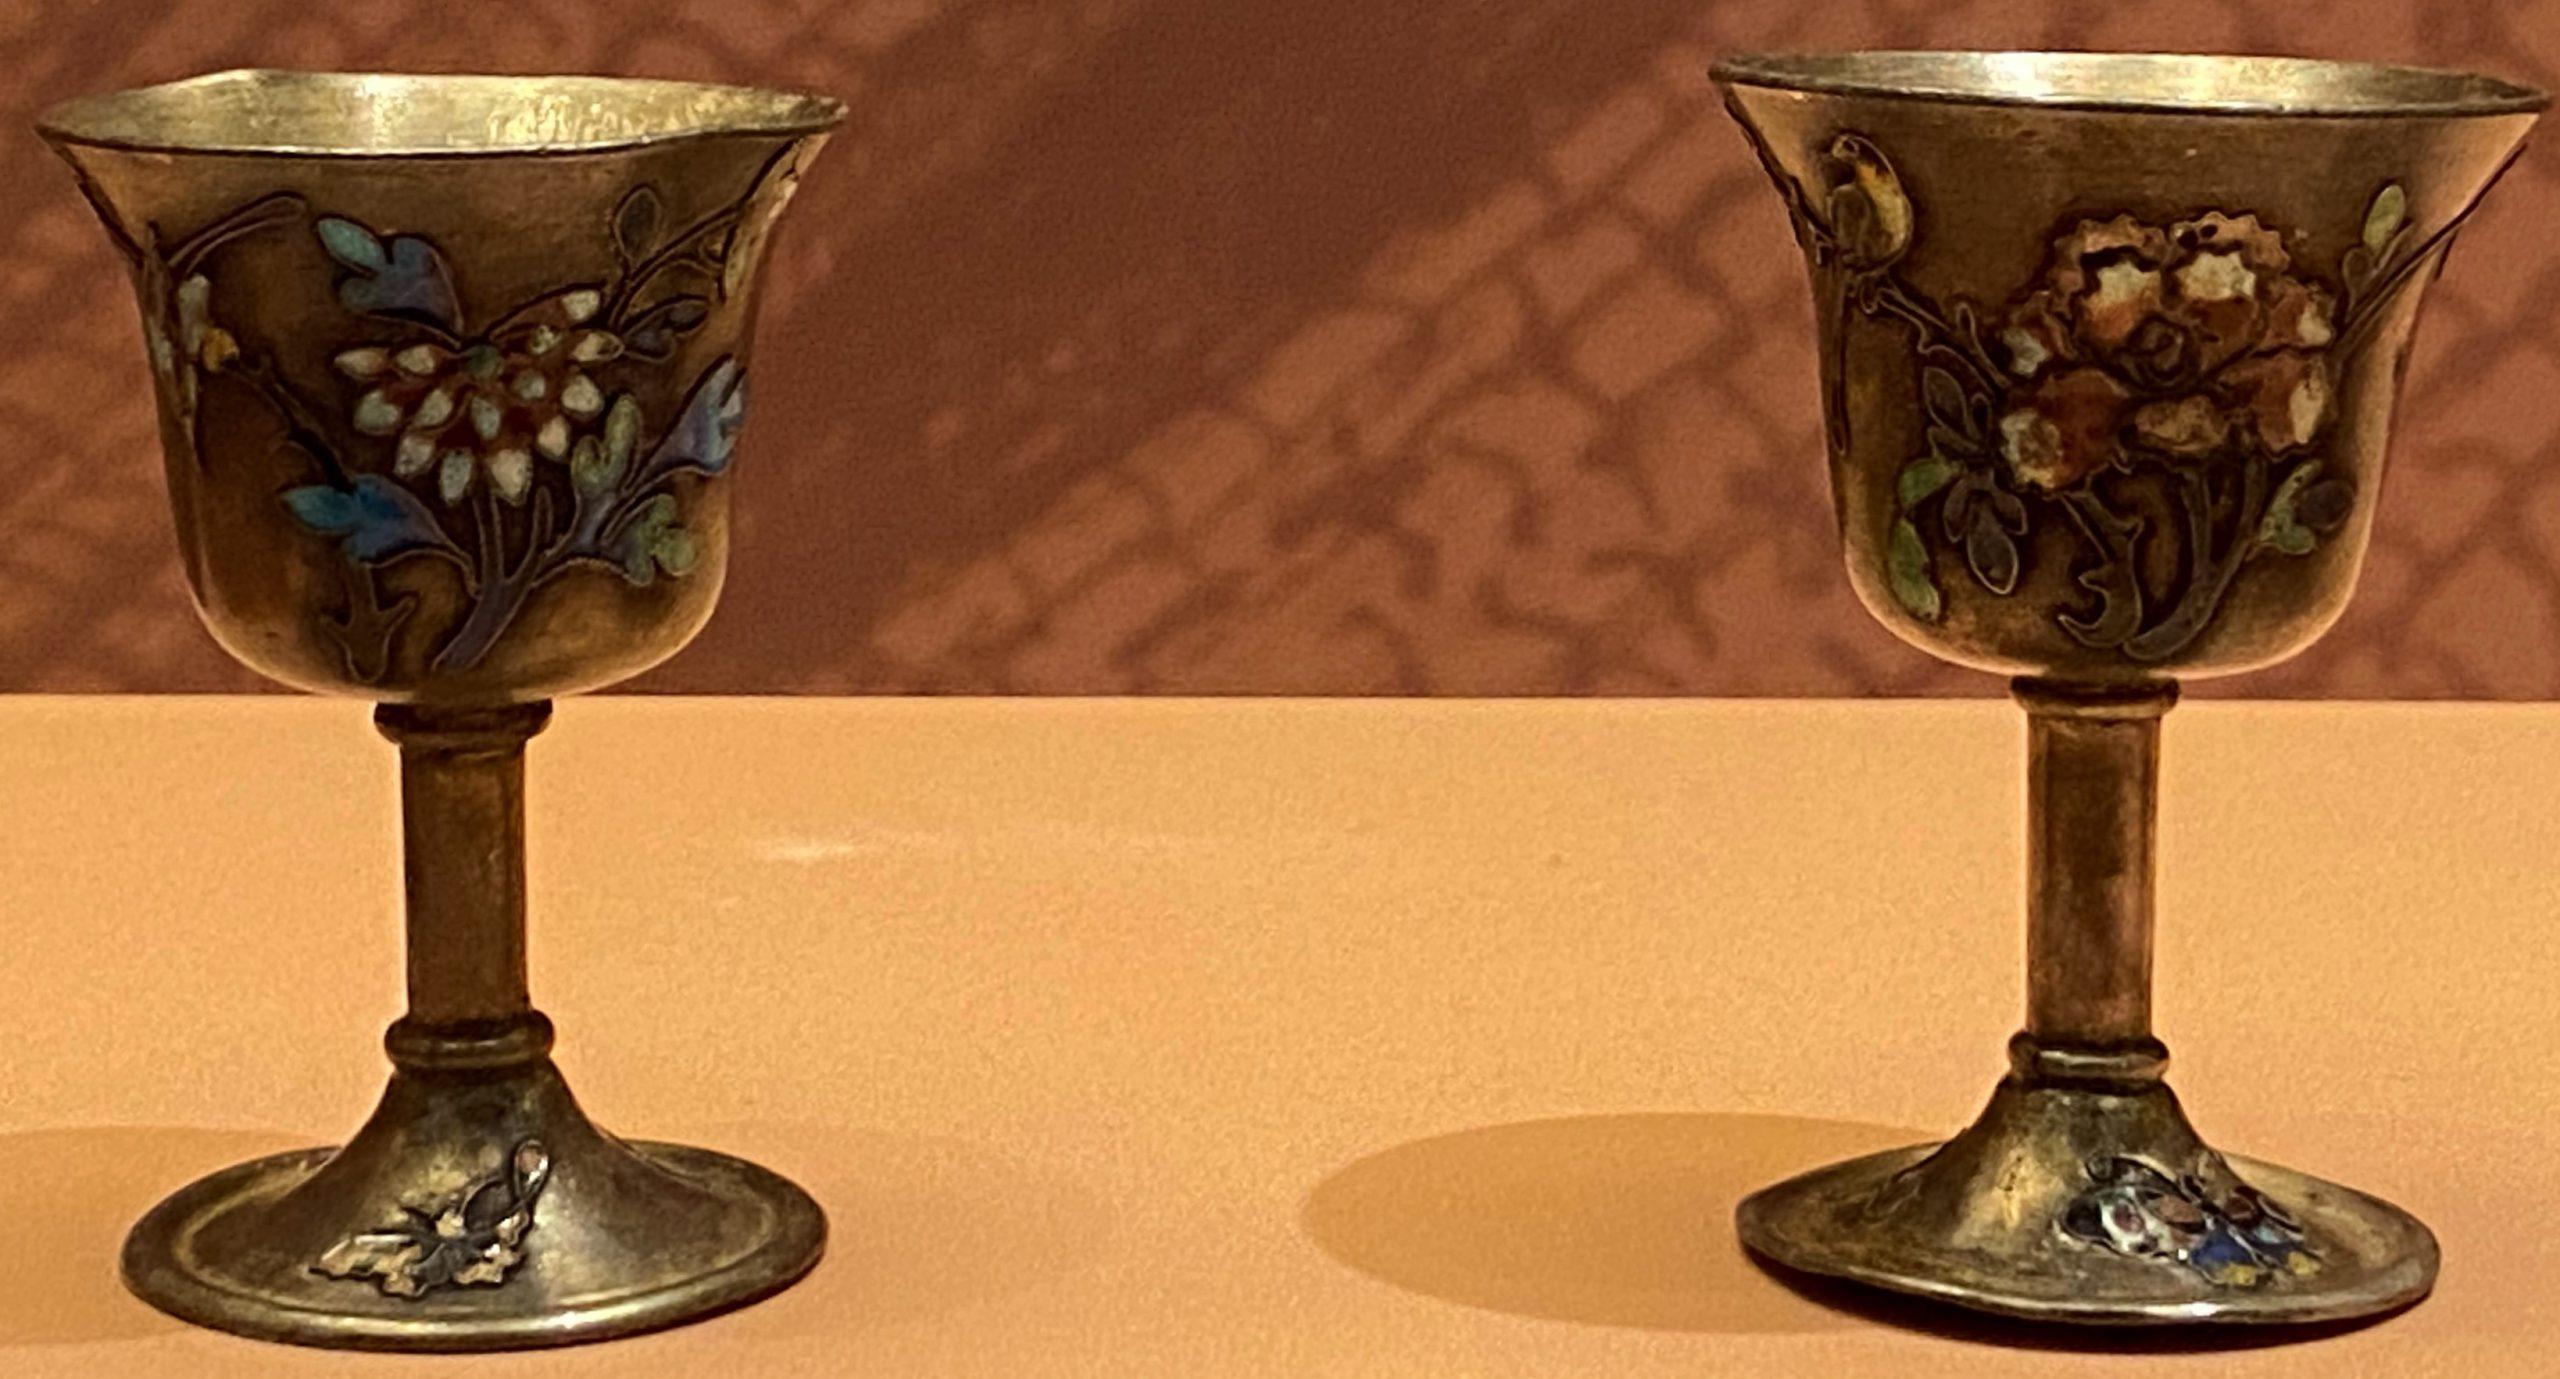 銀花酒杯-現代-特別展【食味人間】四川博物院・中国国家博物館